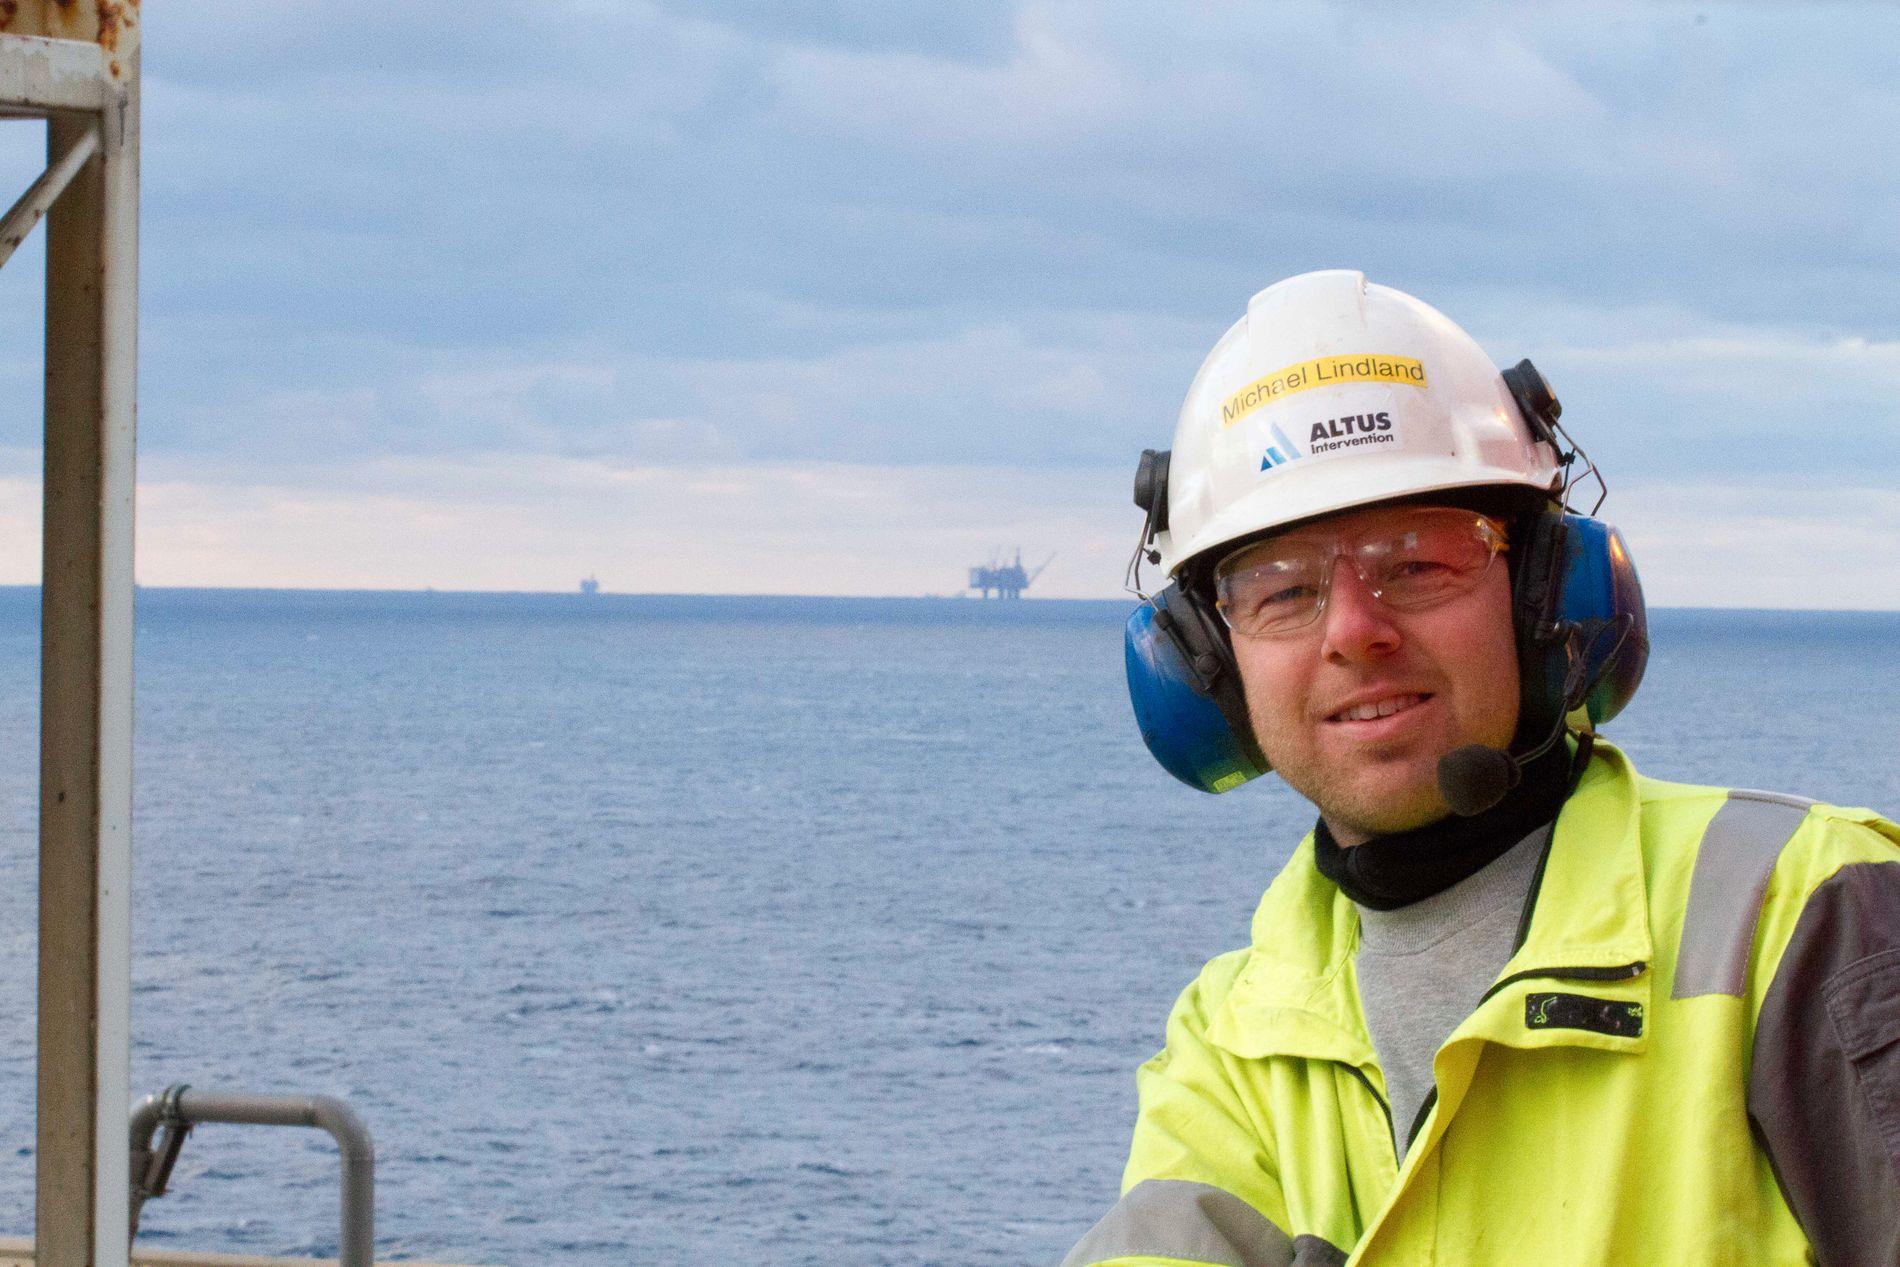 PERMITTERT: På dette bildet fra januar 2016 smiler offshore-arbeider Michael Lindland til kamera på Kvitebjørn-plattformen. Han visste ikke da at han ti måneder senere ville stå uten jobb.